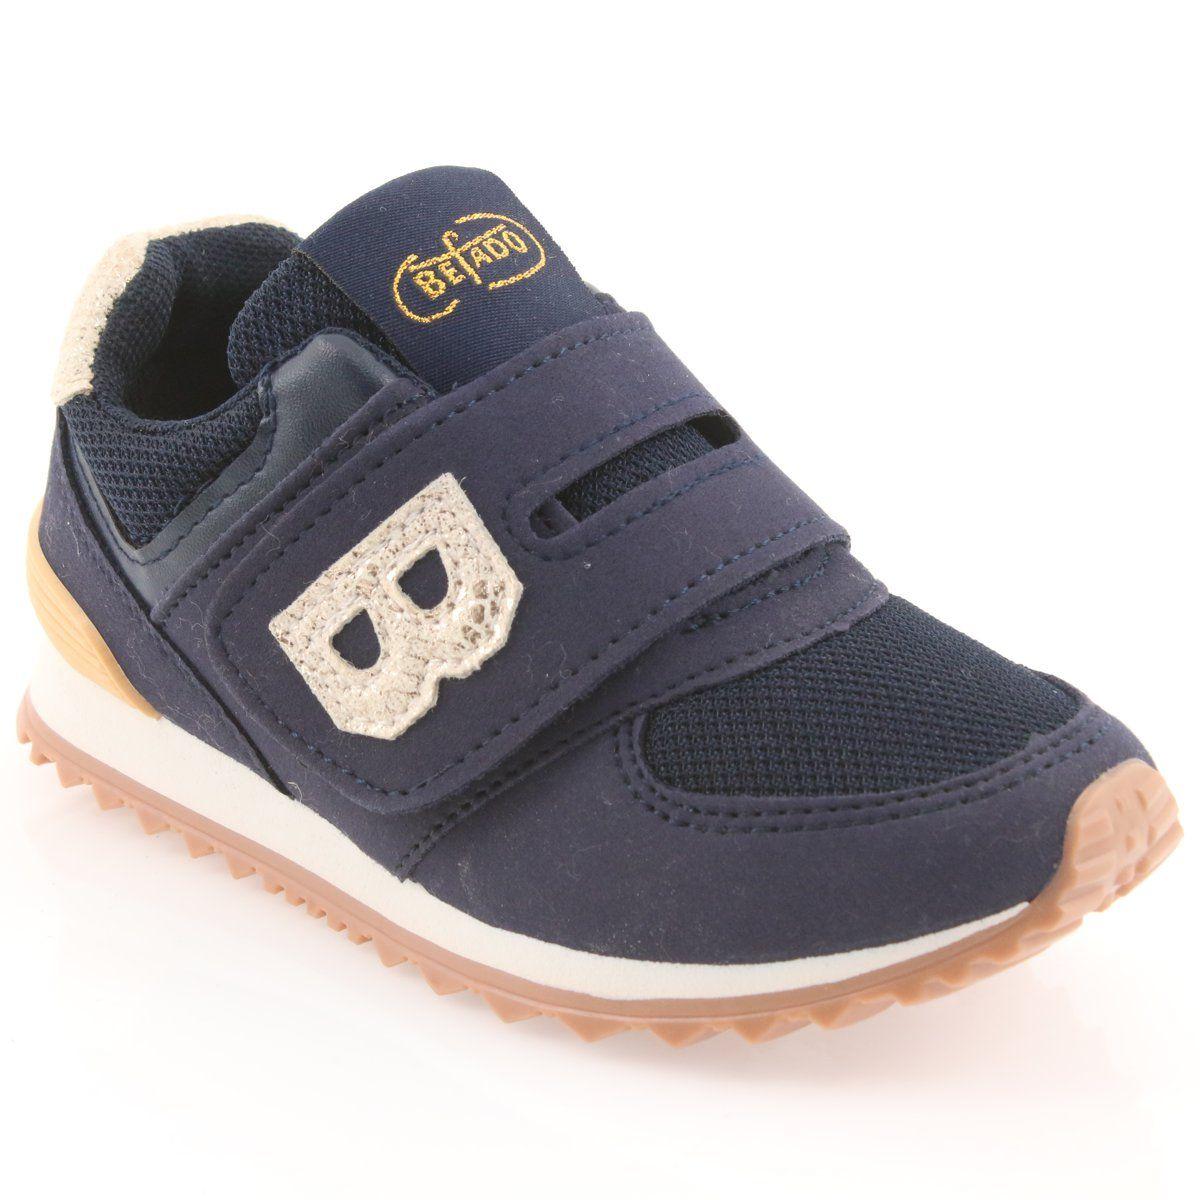 Befado Obuwie Dzieciece Do 23 Cm 516x038 Zolte Granatowe Childrens Shoes Kid Shoes Shoes